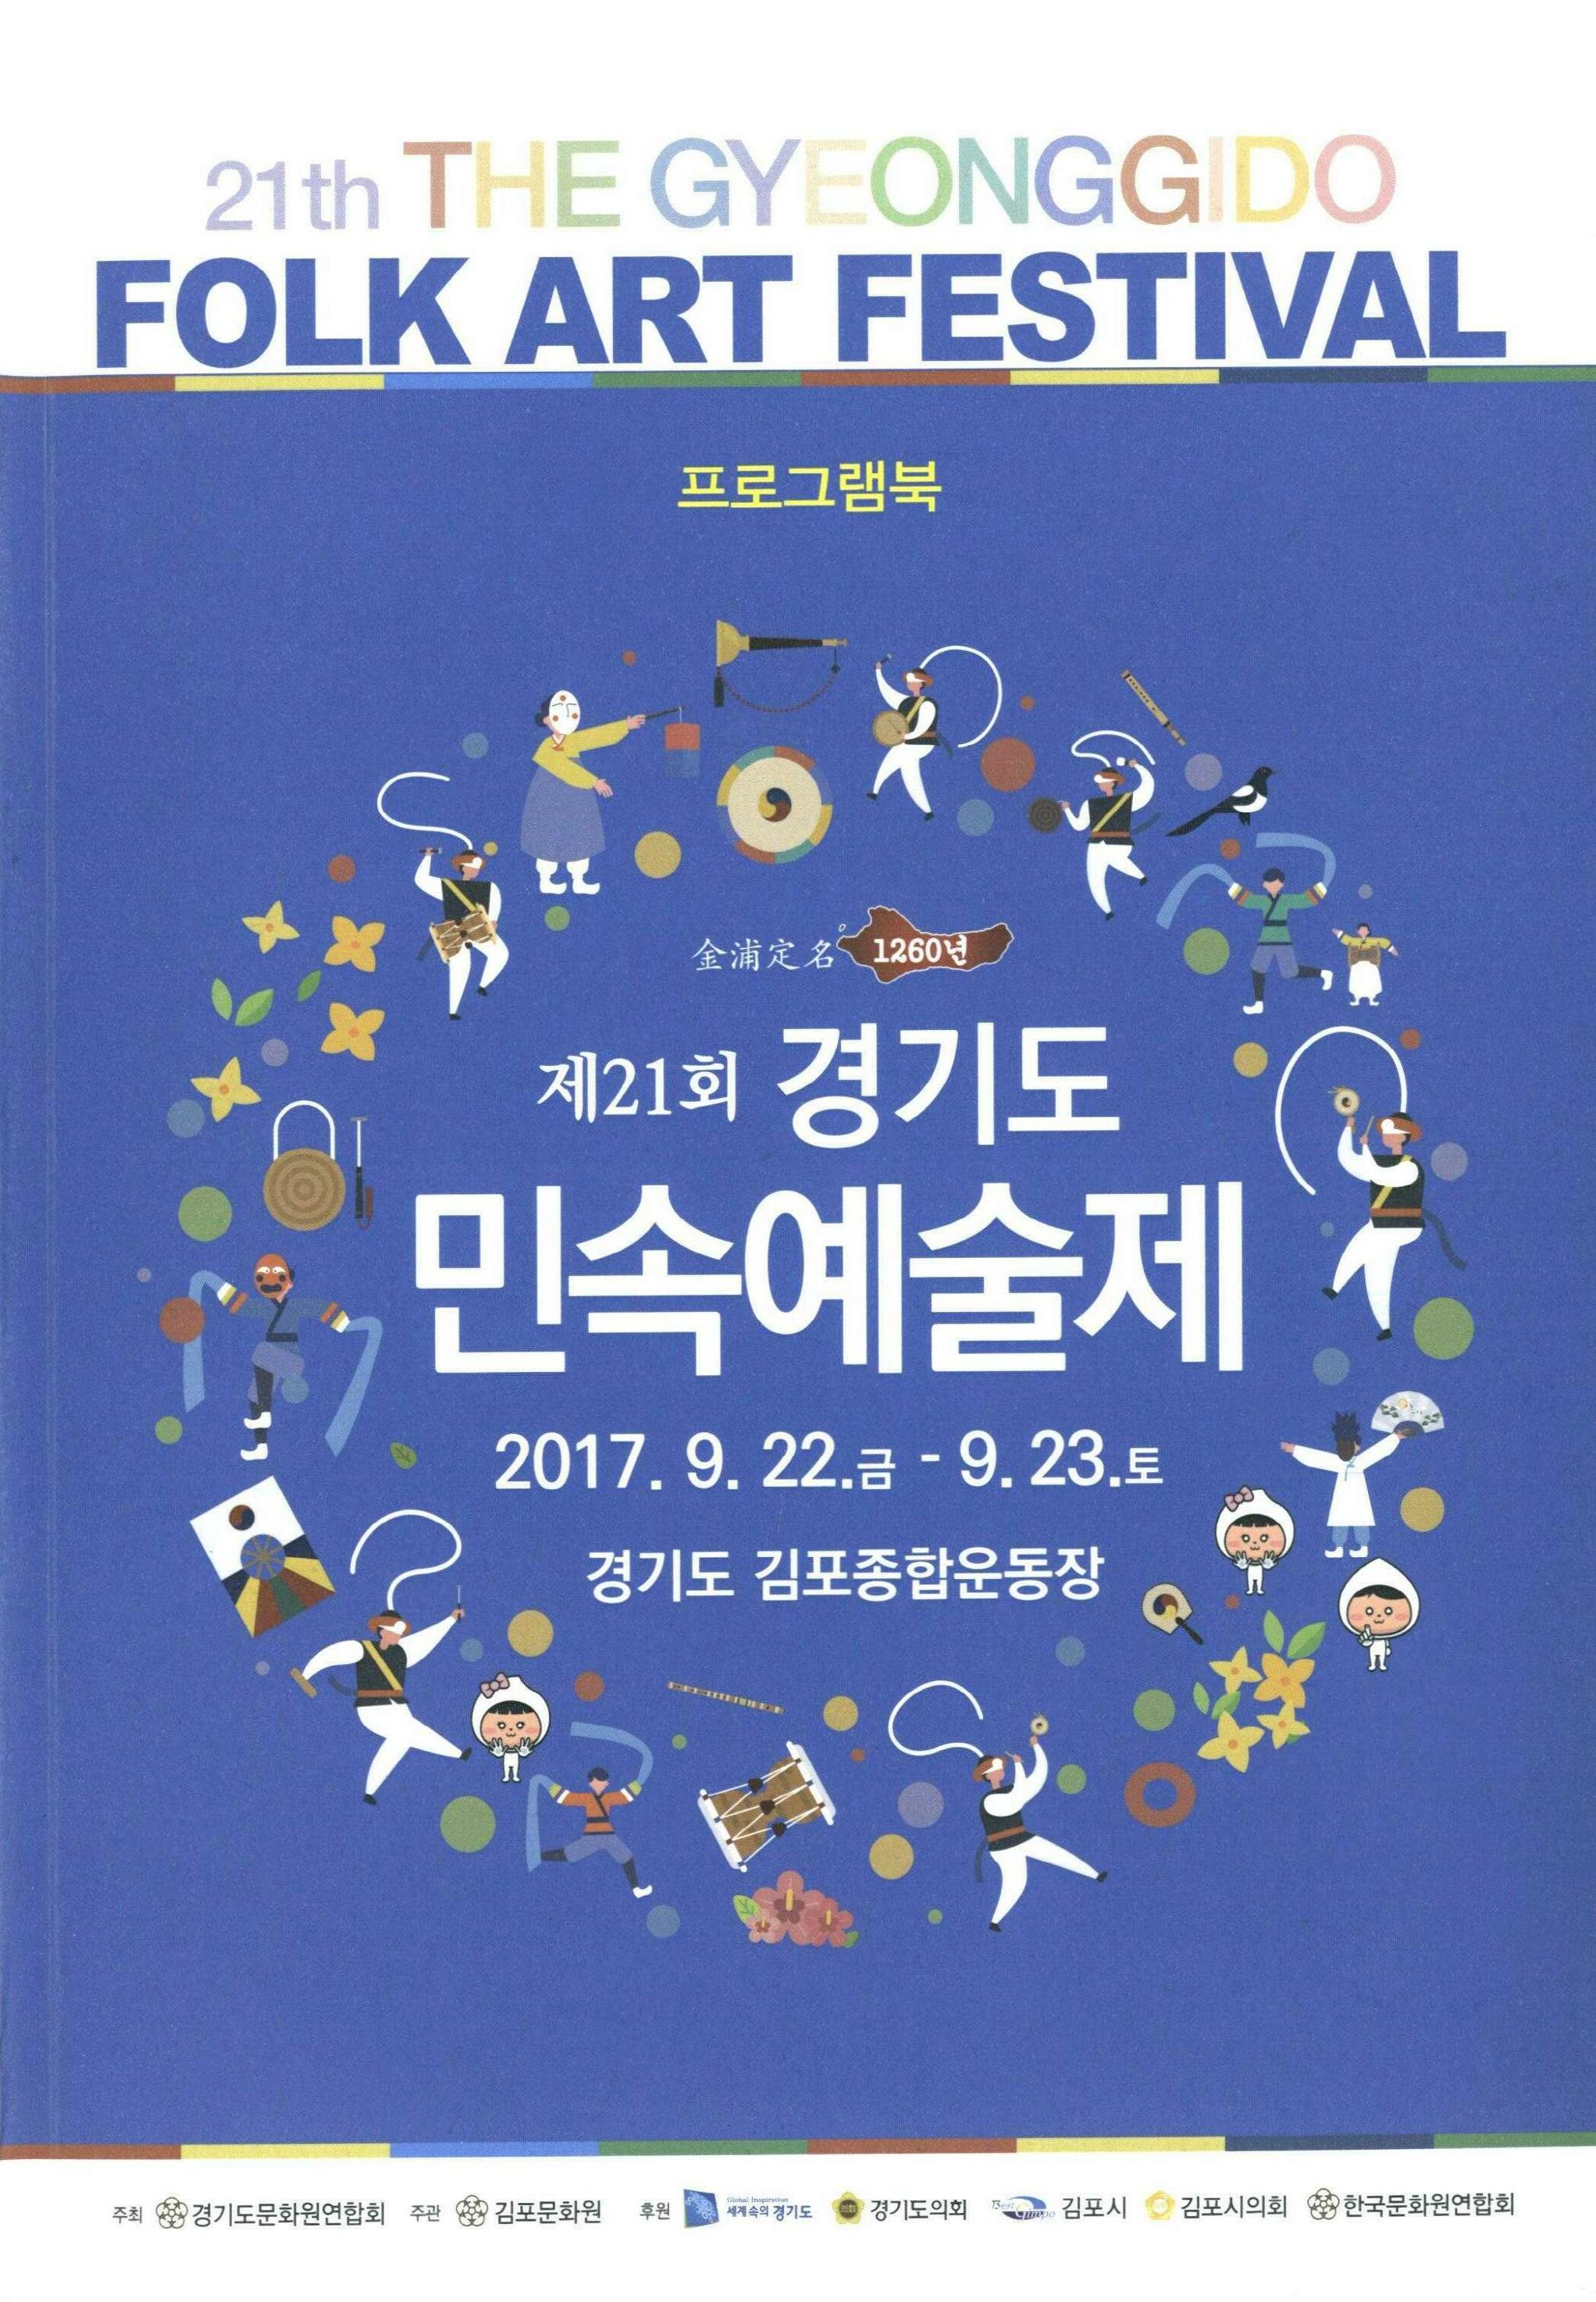 제21회 경기도 민속예술제